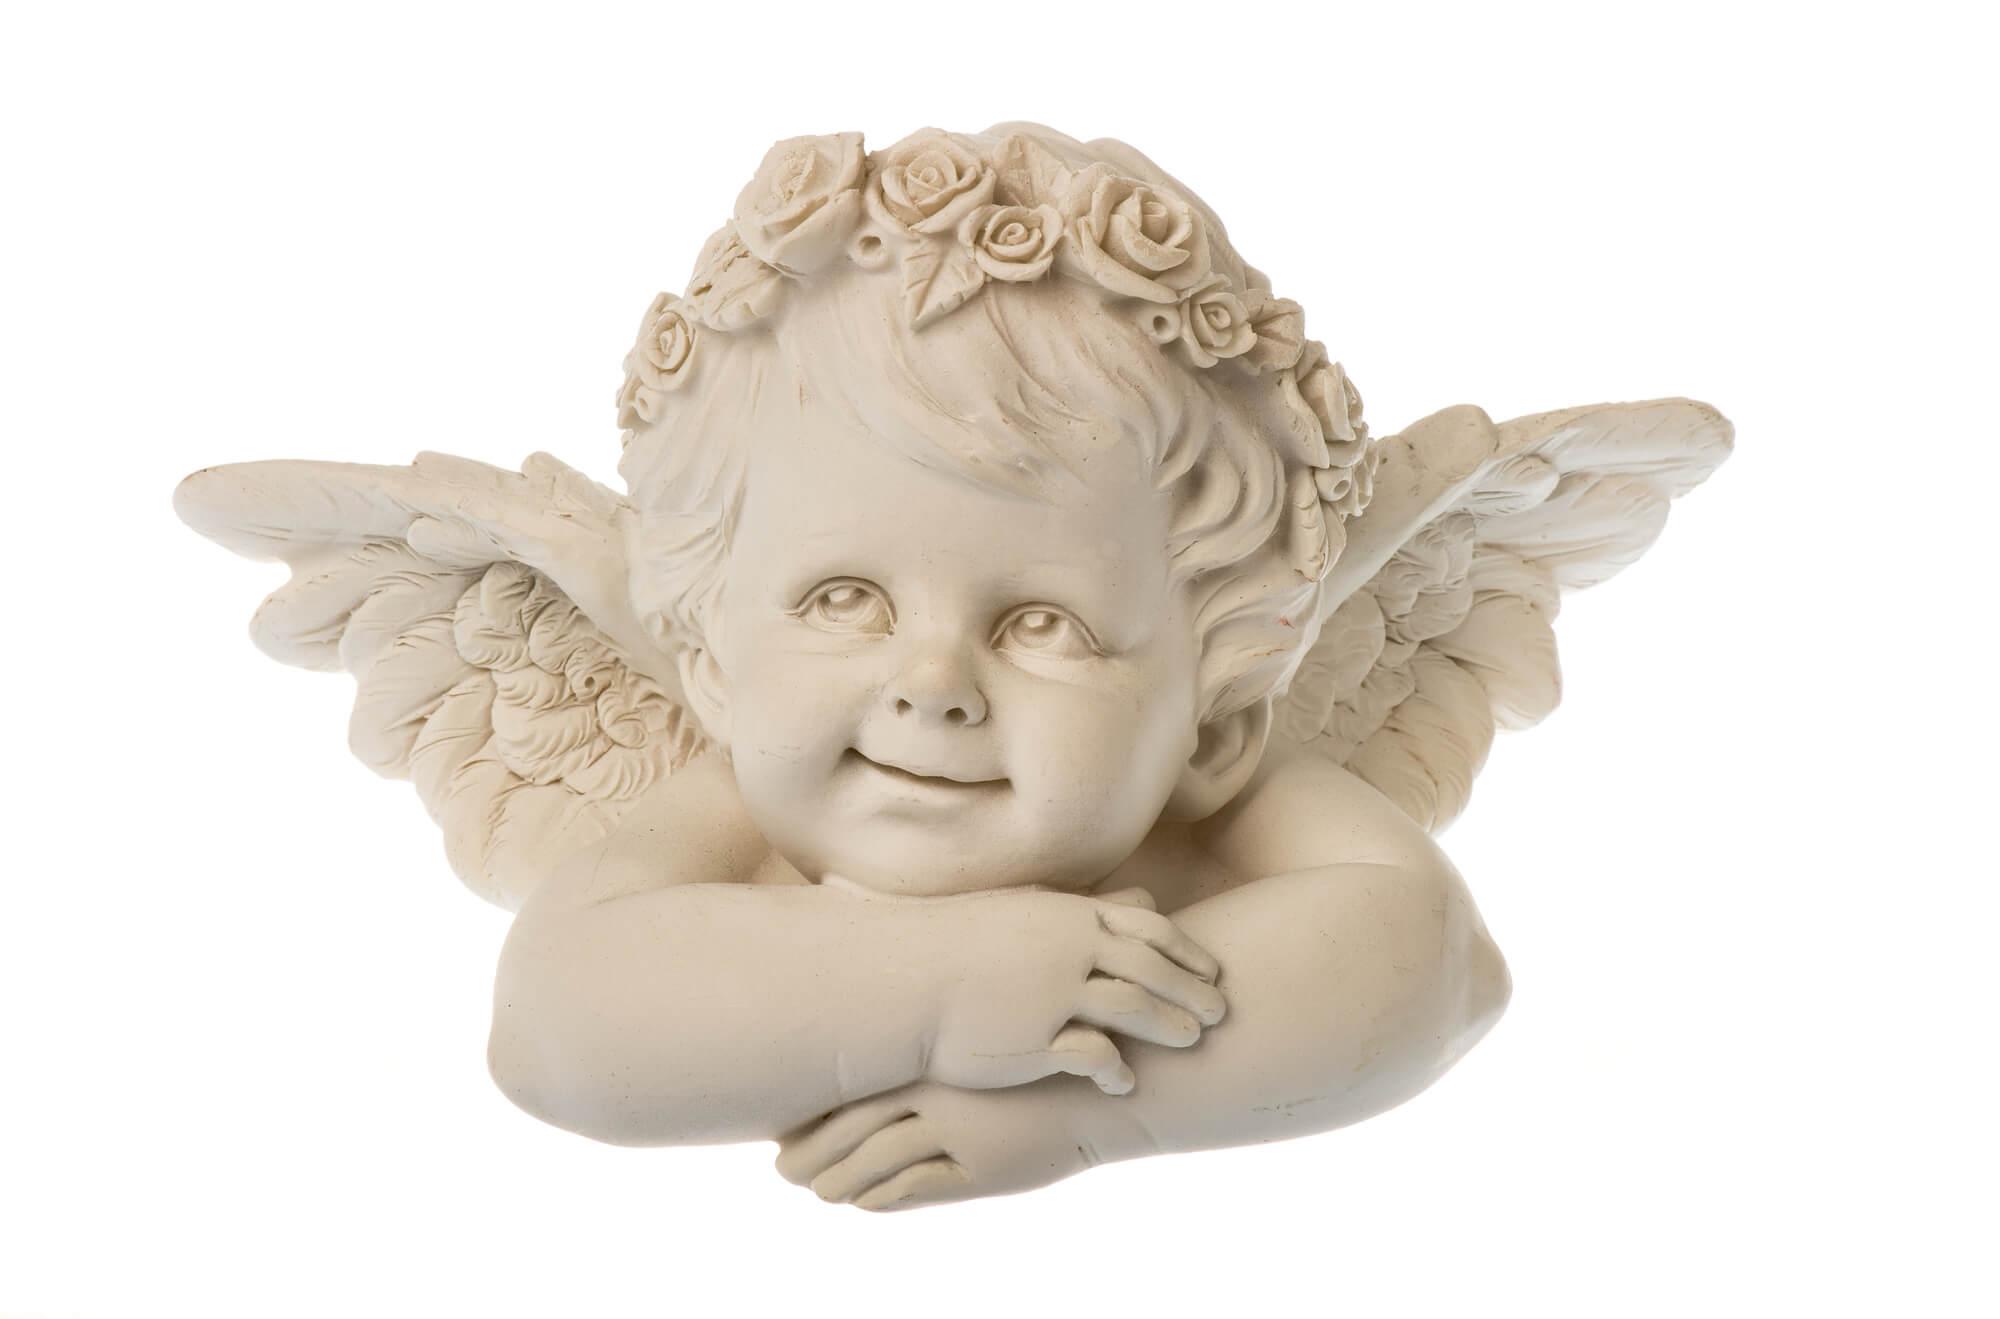 天使の存在を信じる?信じない?妖精は?【スピリチュアルの世界】